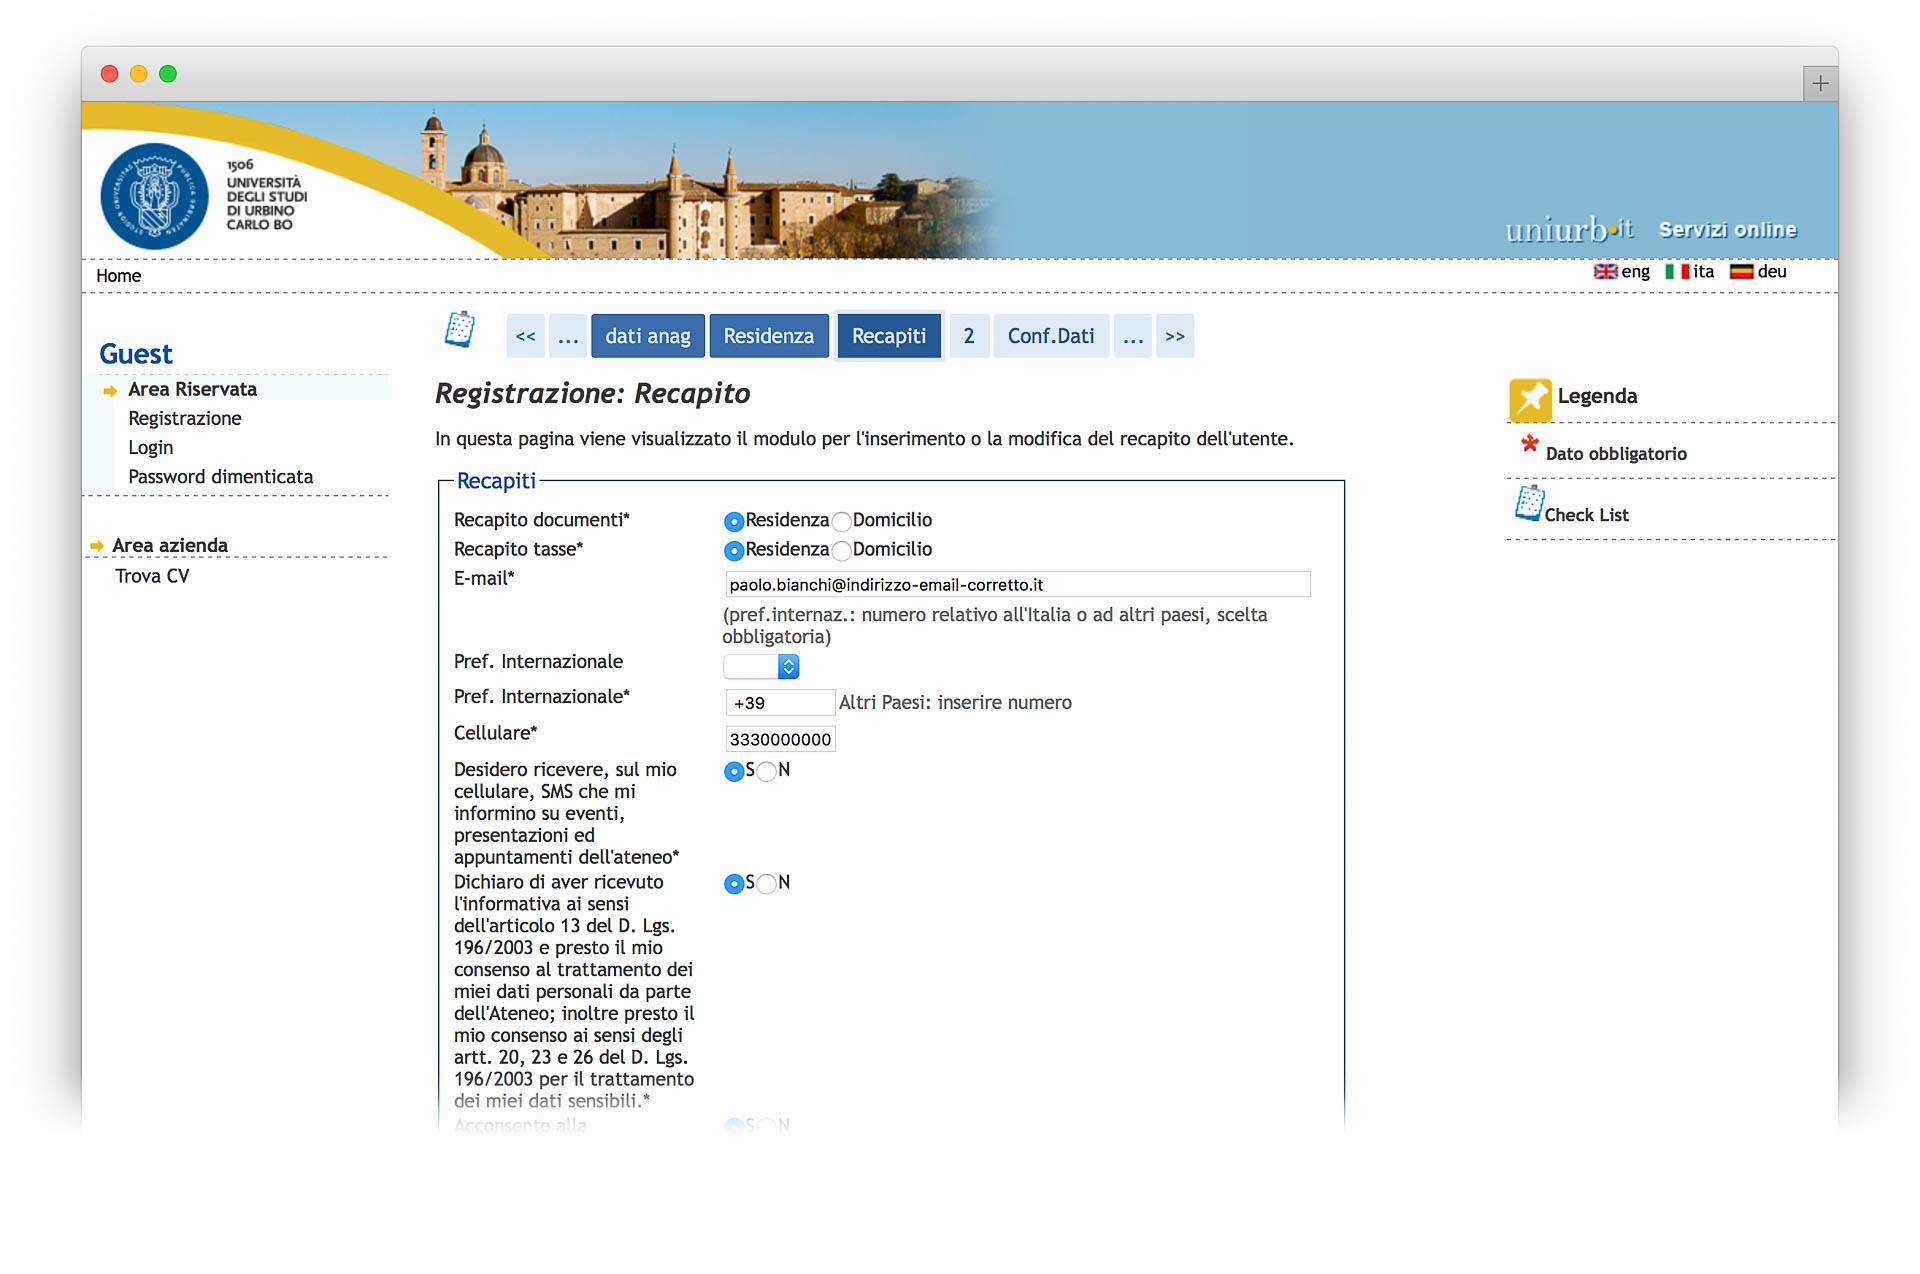 Email e recapiti per contatti